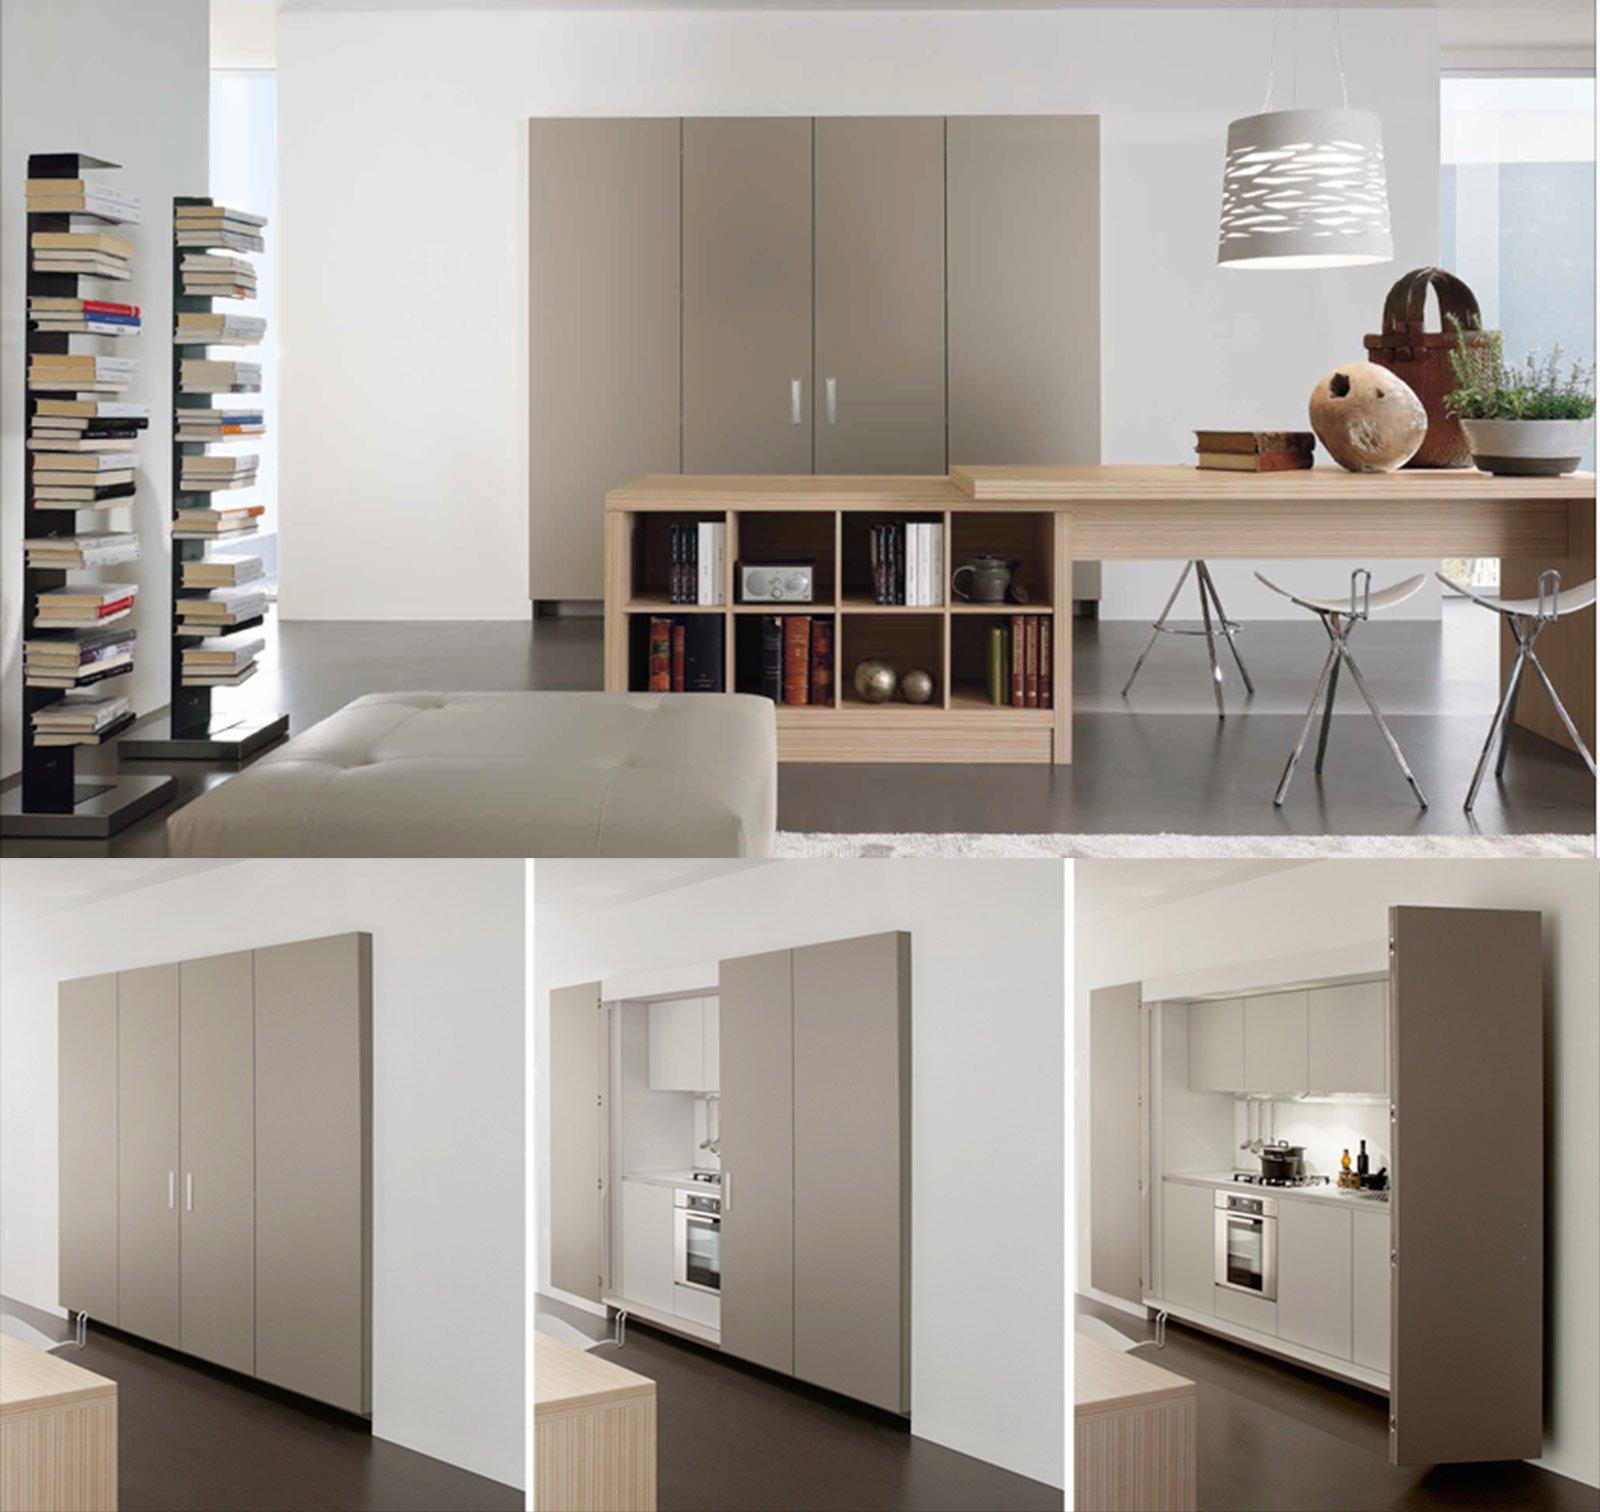 La cucina nell 39 armadio cose di casa - Mobile di cucina ...